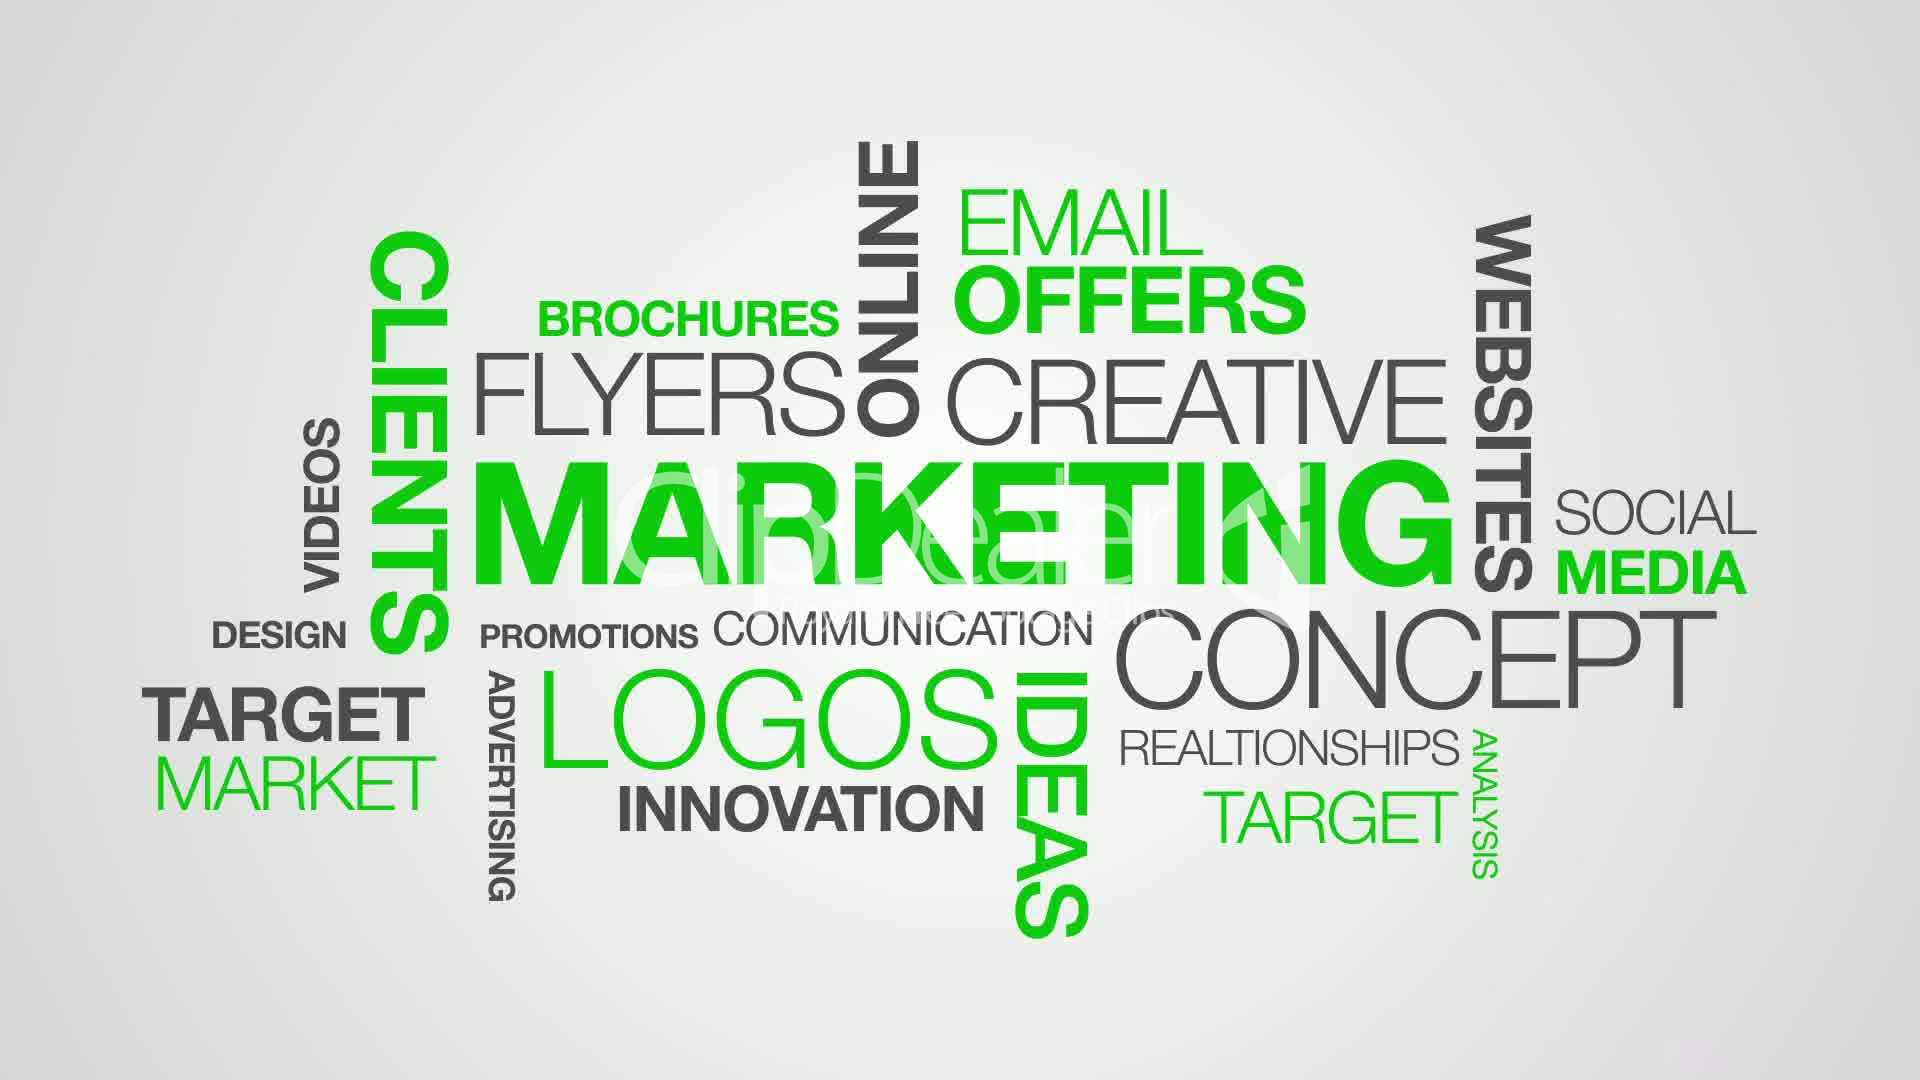 khóa lớp dạy học marketing online tốt nhất giá rẻ ở đâu tphcm